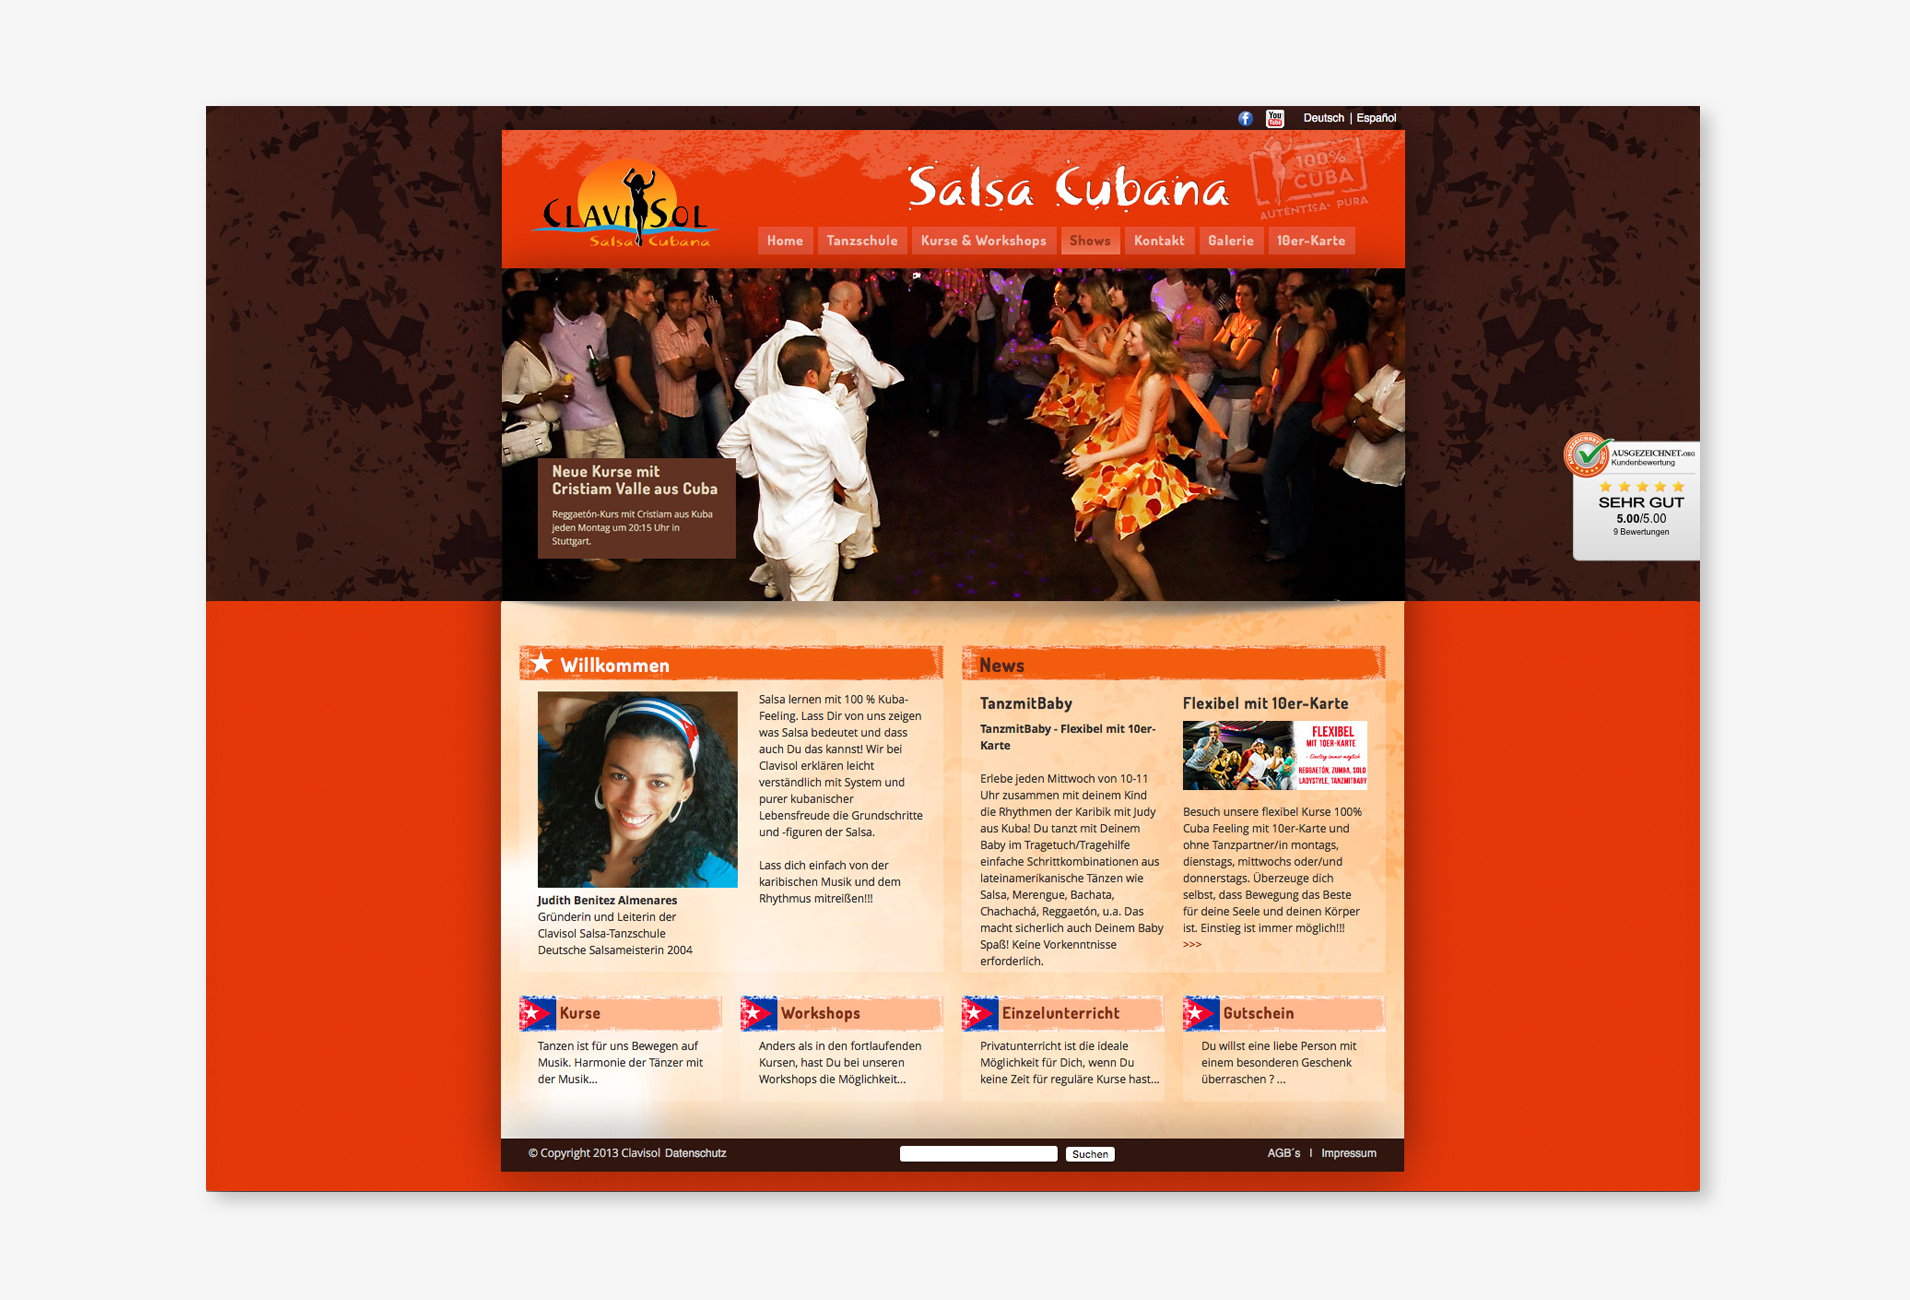 clavisol-website1